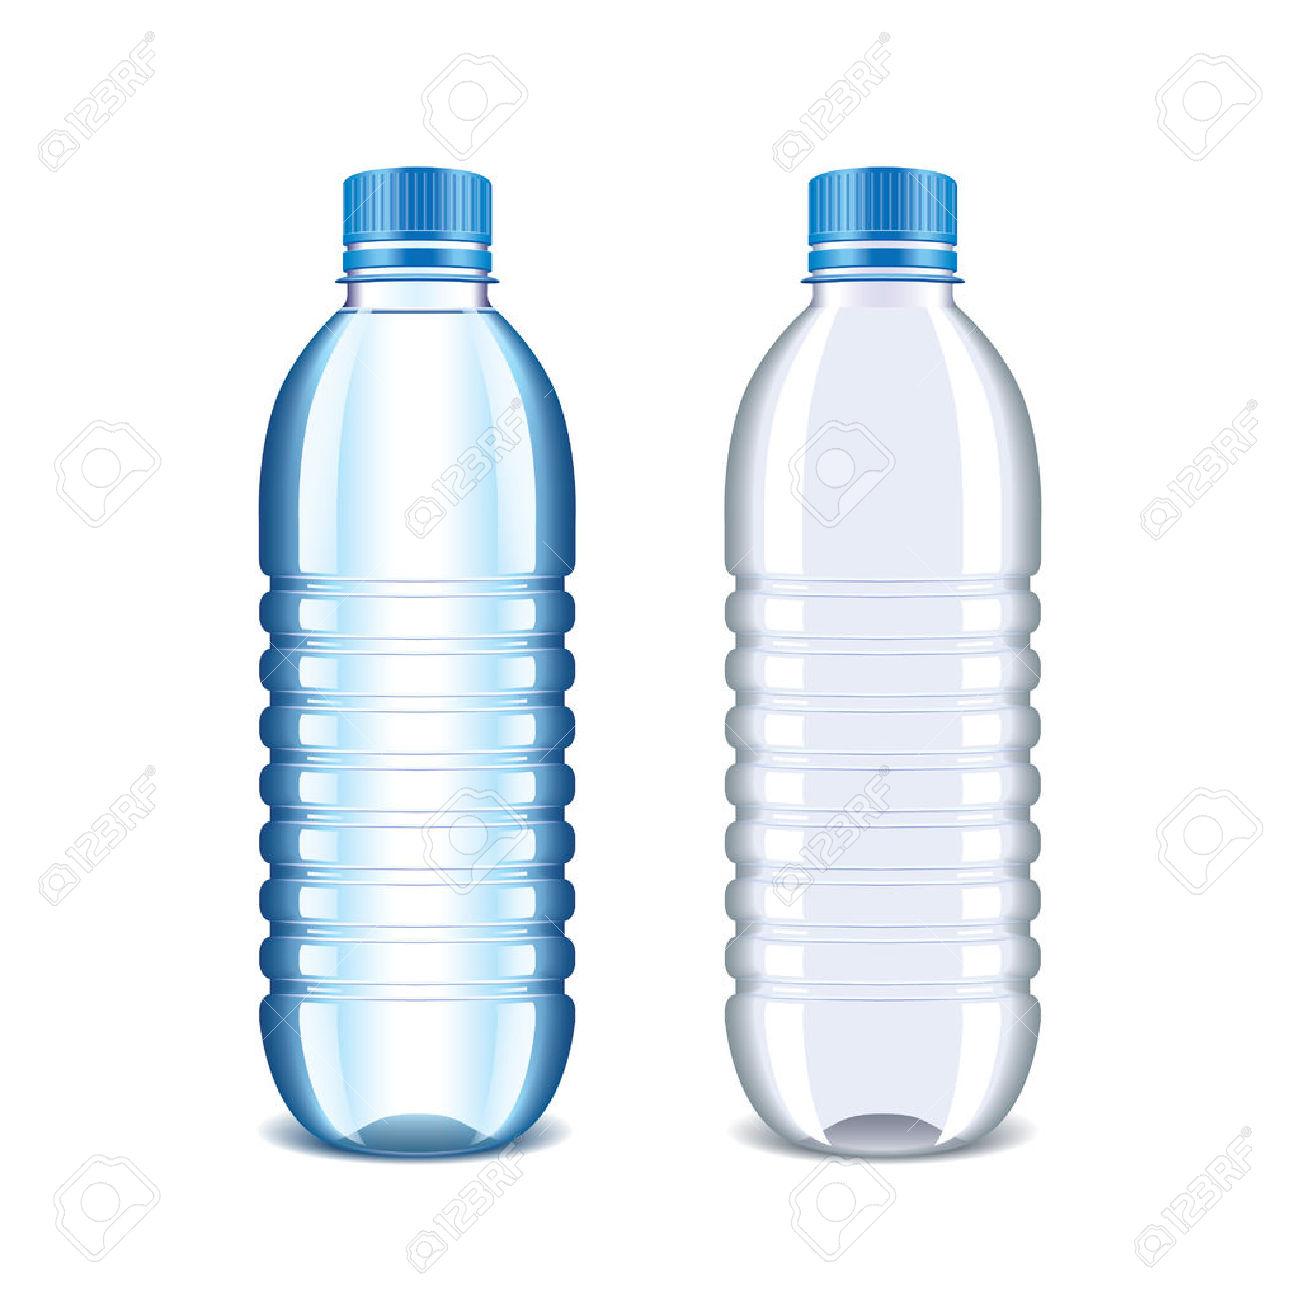 Juice clipart plastic bottle #4